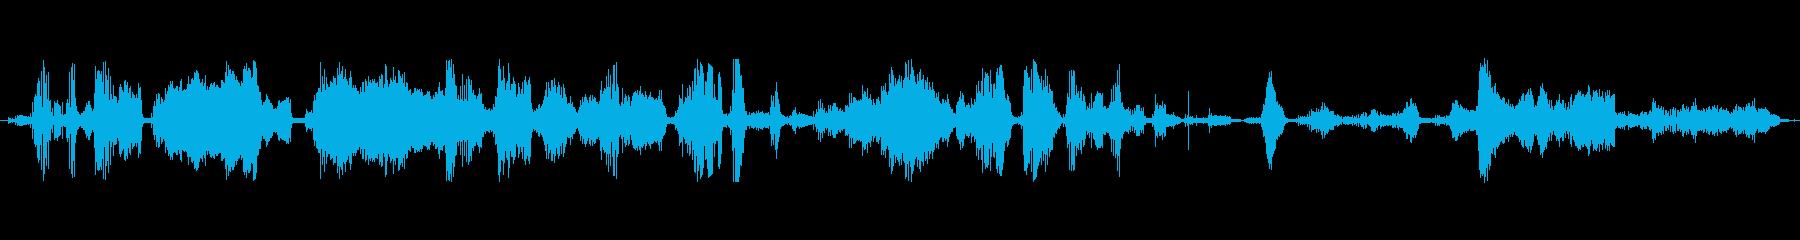 豚 群れメロンメロン01の再生済みの波形